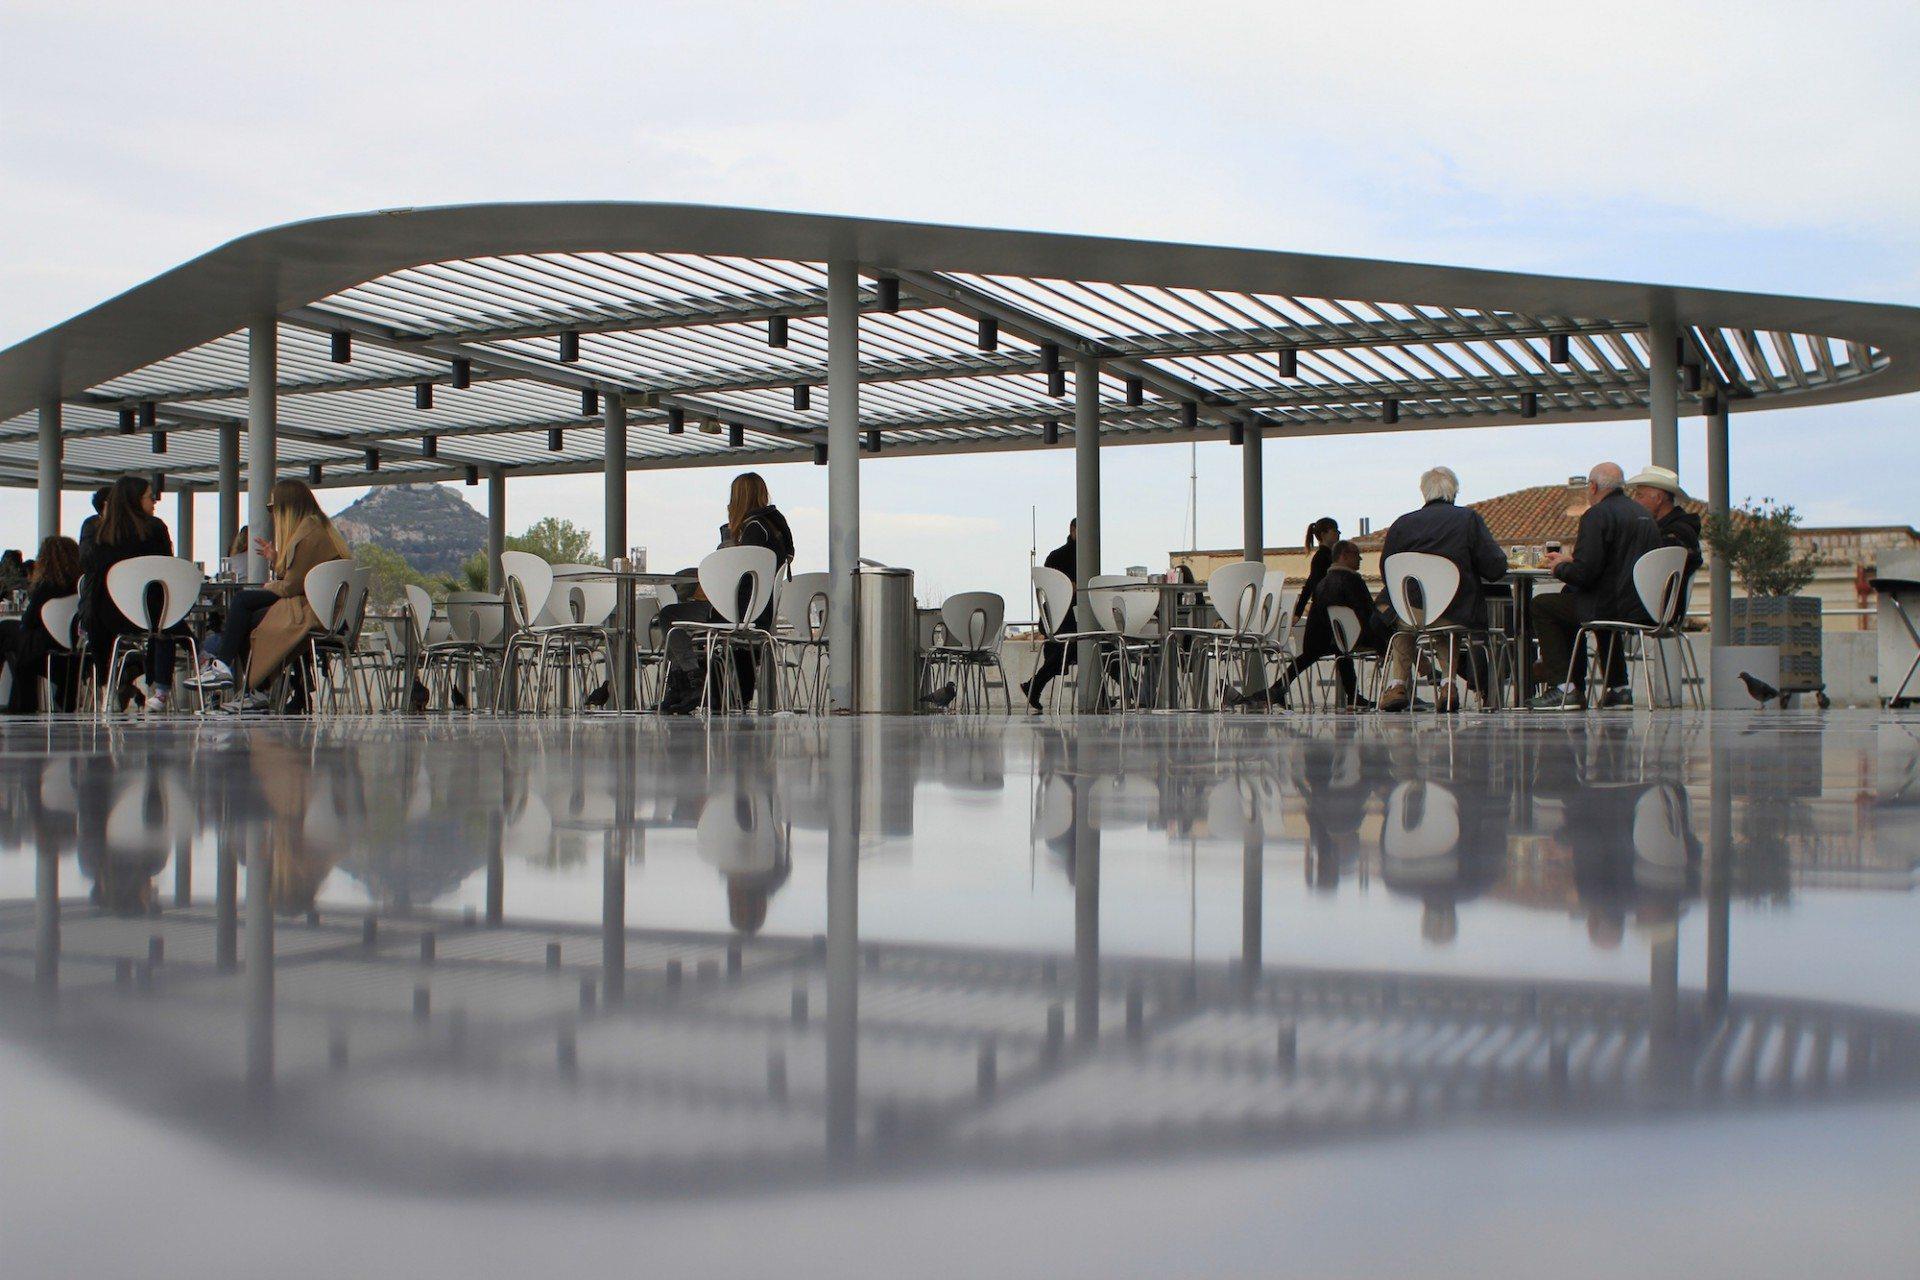 Überdacht.  Direkt über der Haupteingangsrampe befindet sich das Café mit einer teils überdachten Terrasse mit Blick auf die Akropolis. Sie ist eine Anspielung auf die in Griechenland weit verbreiteten überdachten Innenhöfe.